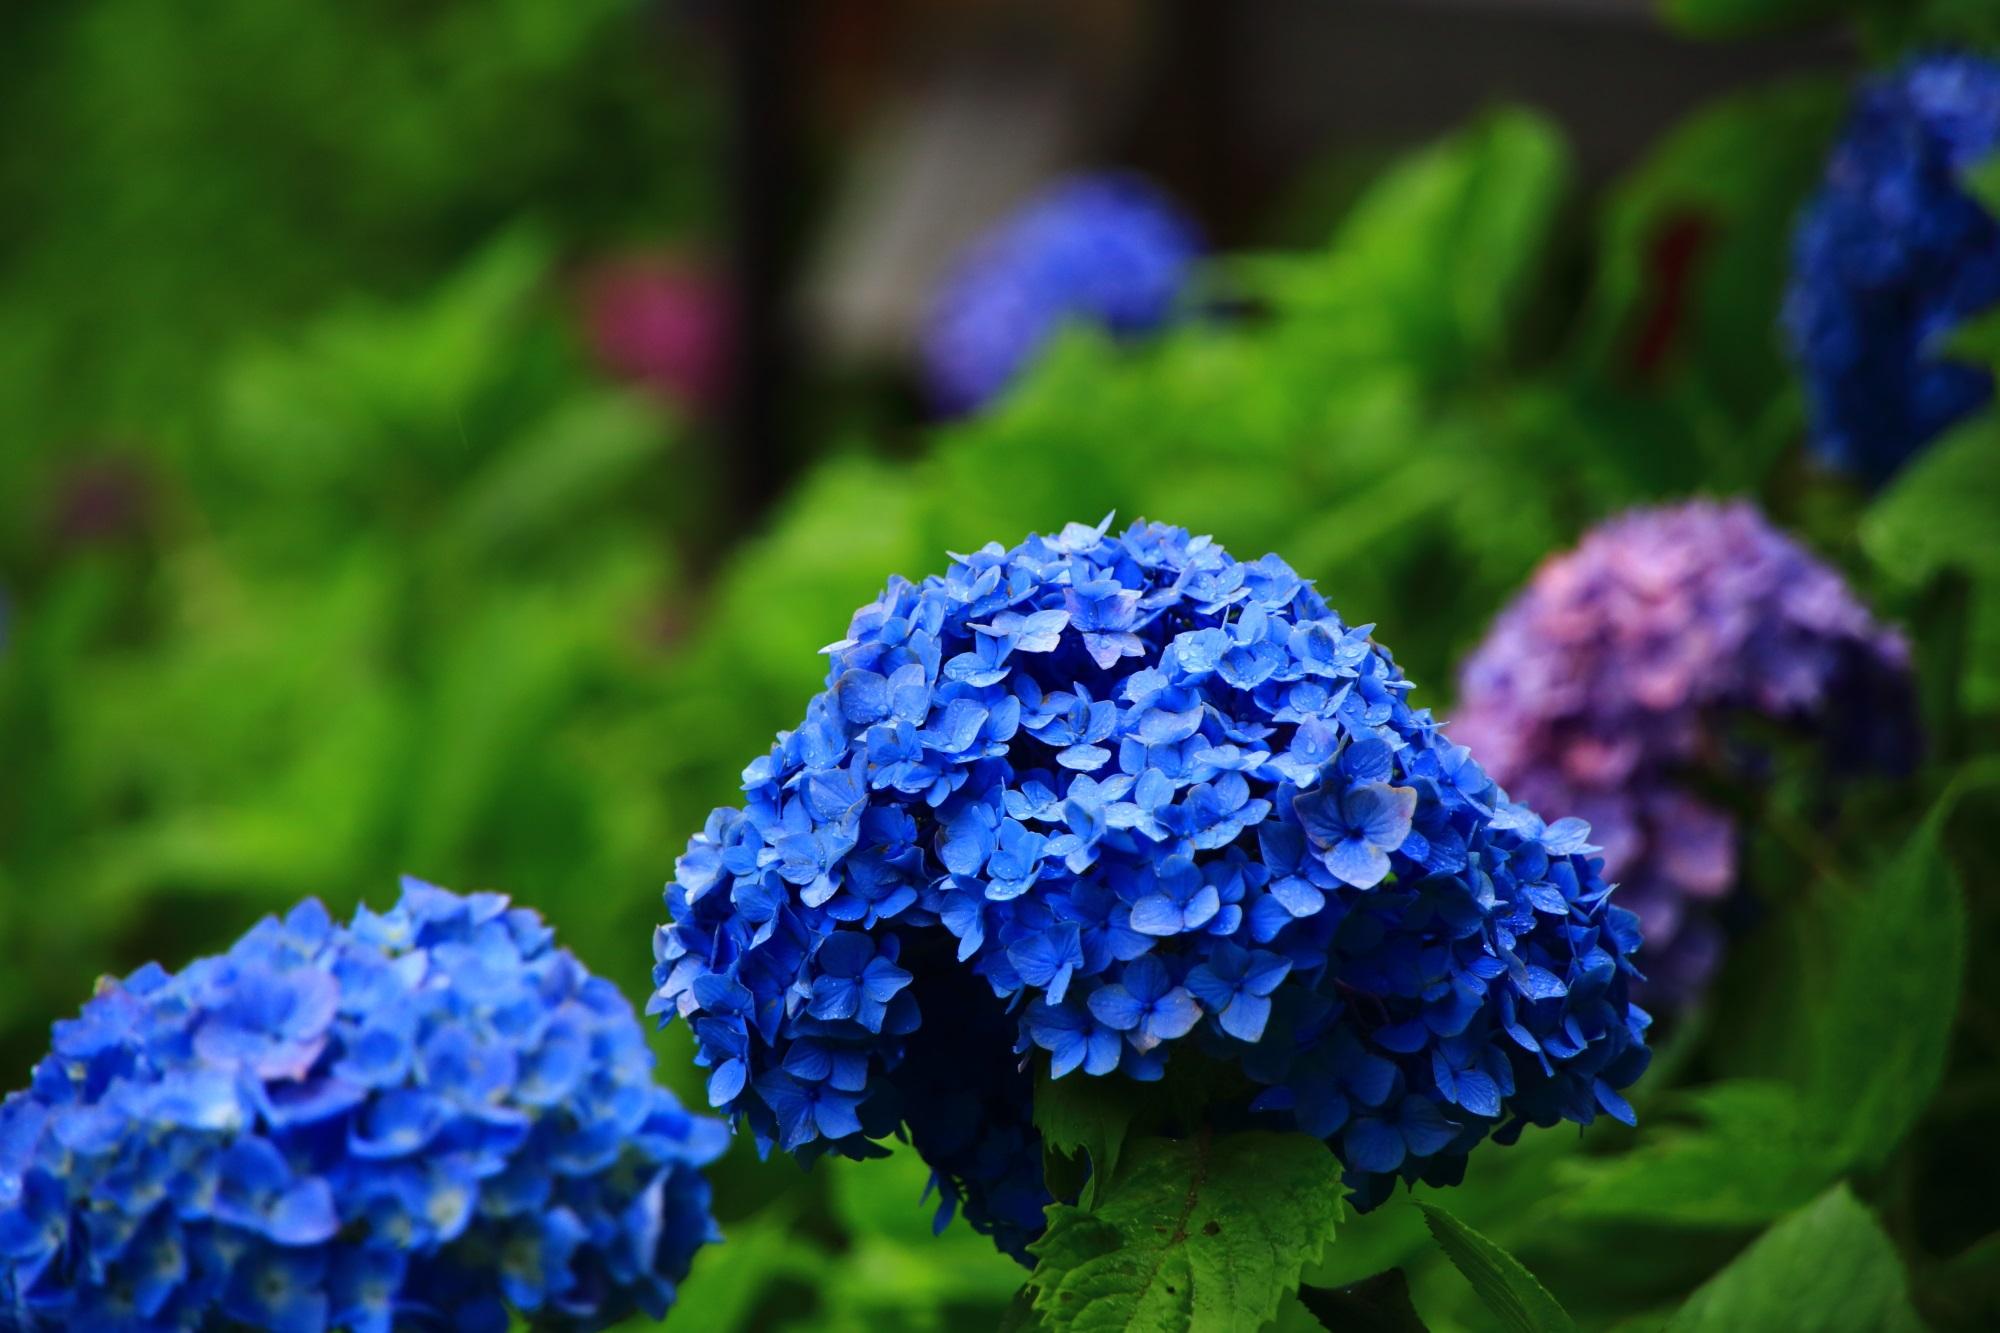 善峯寺のあじさい苑の多種多様な紫陽花